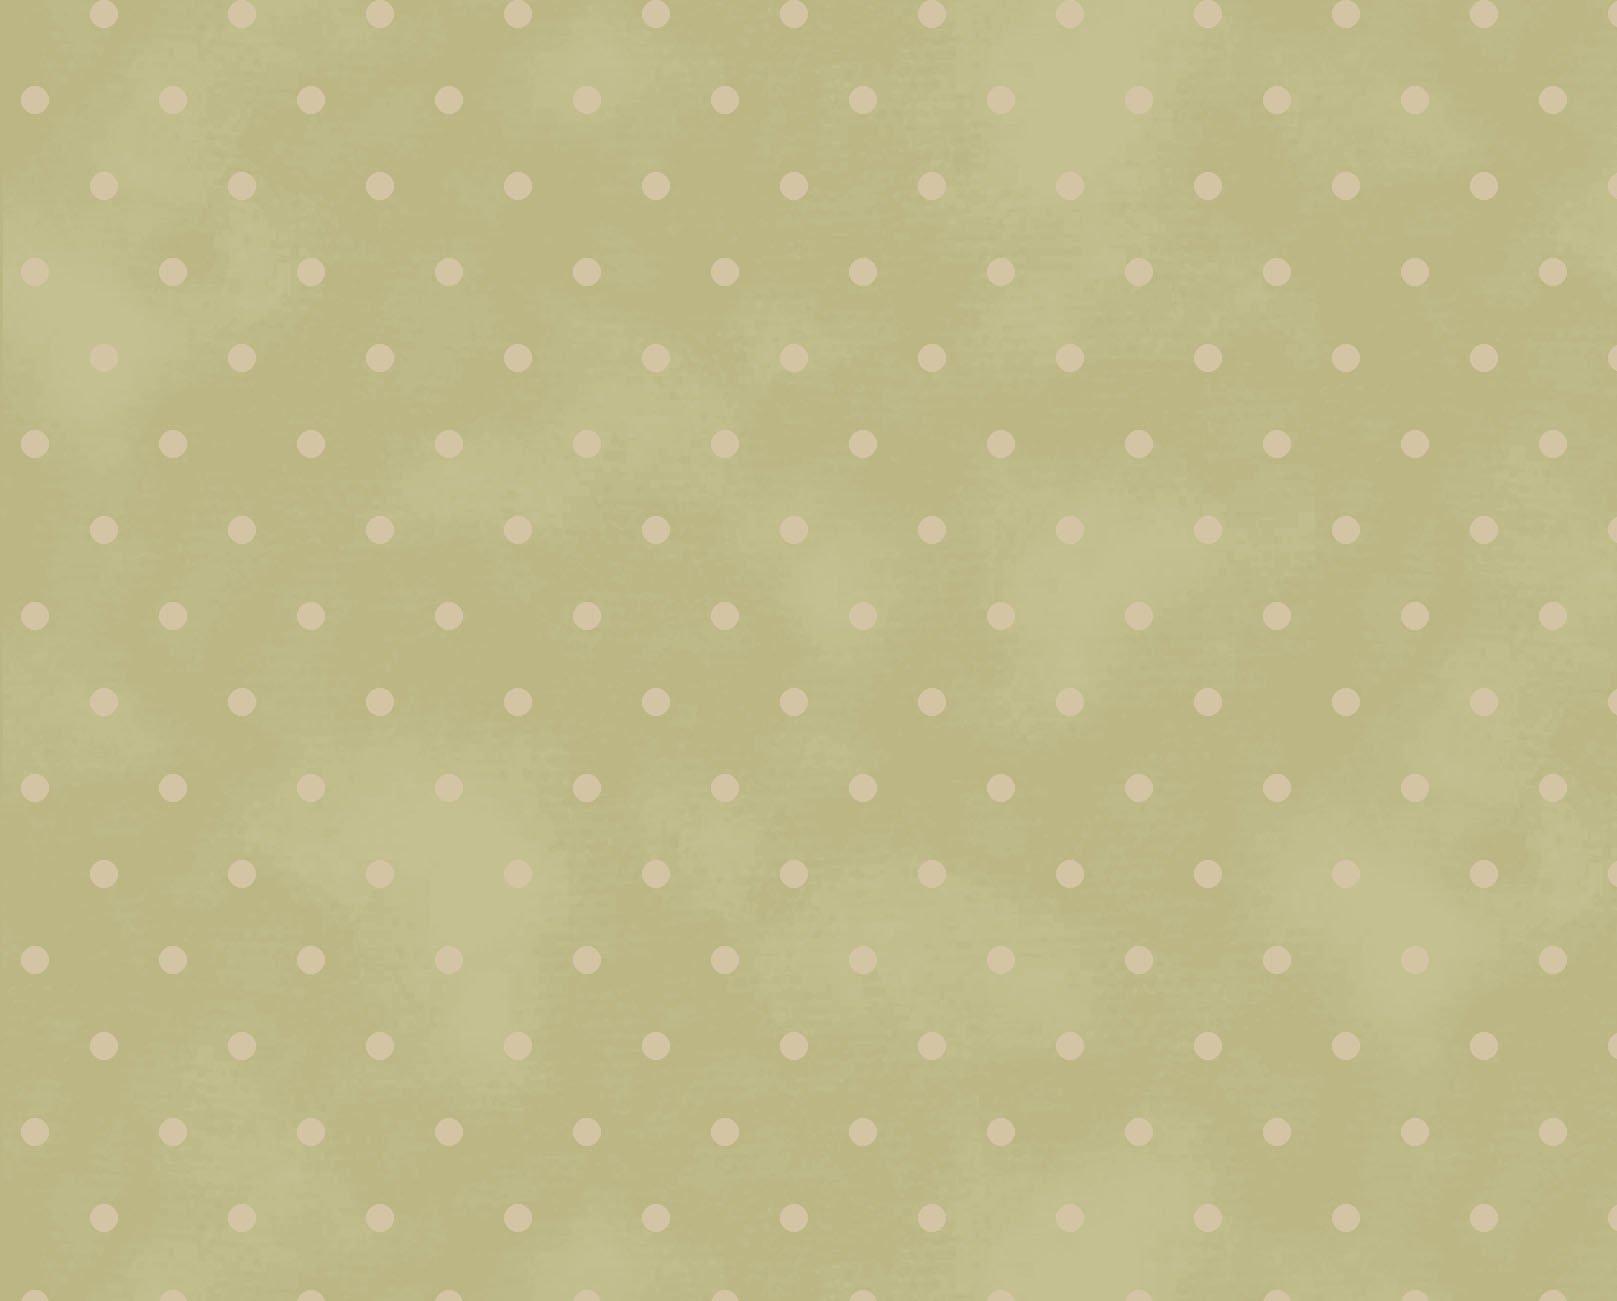 Garden Getaway Fabric 7 (0960 0152)